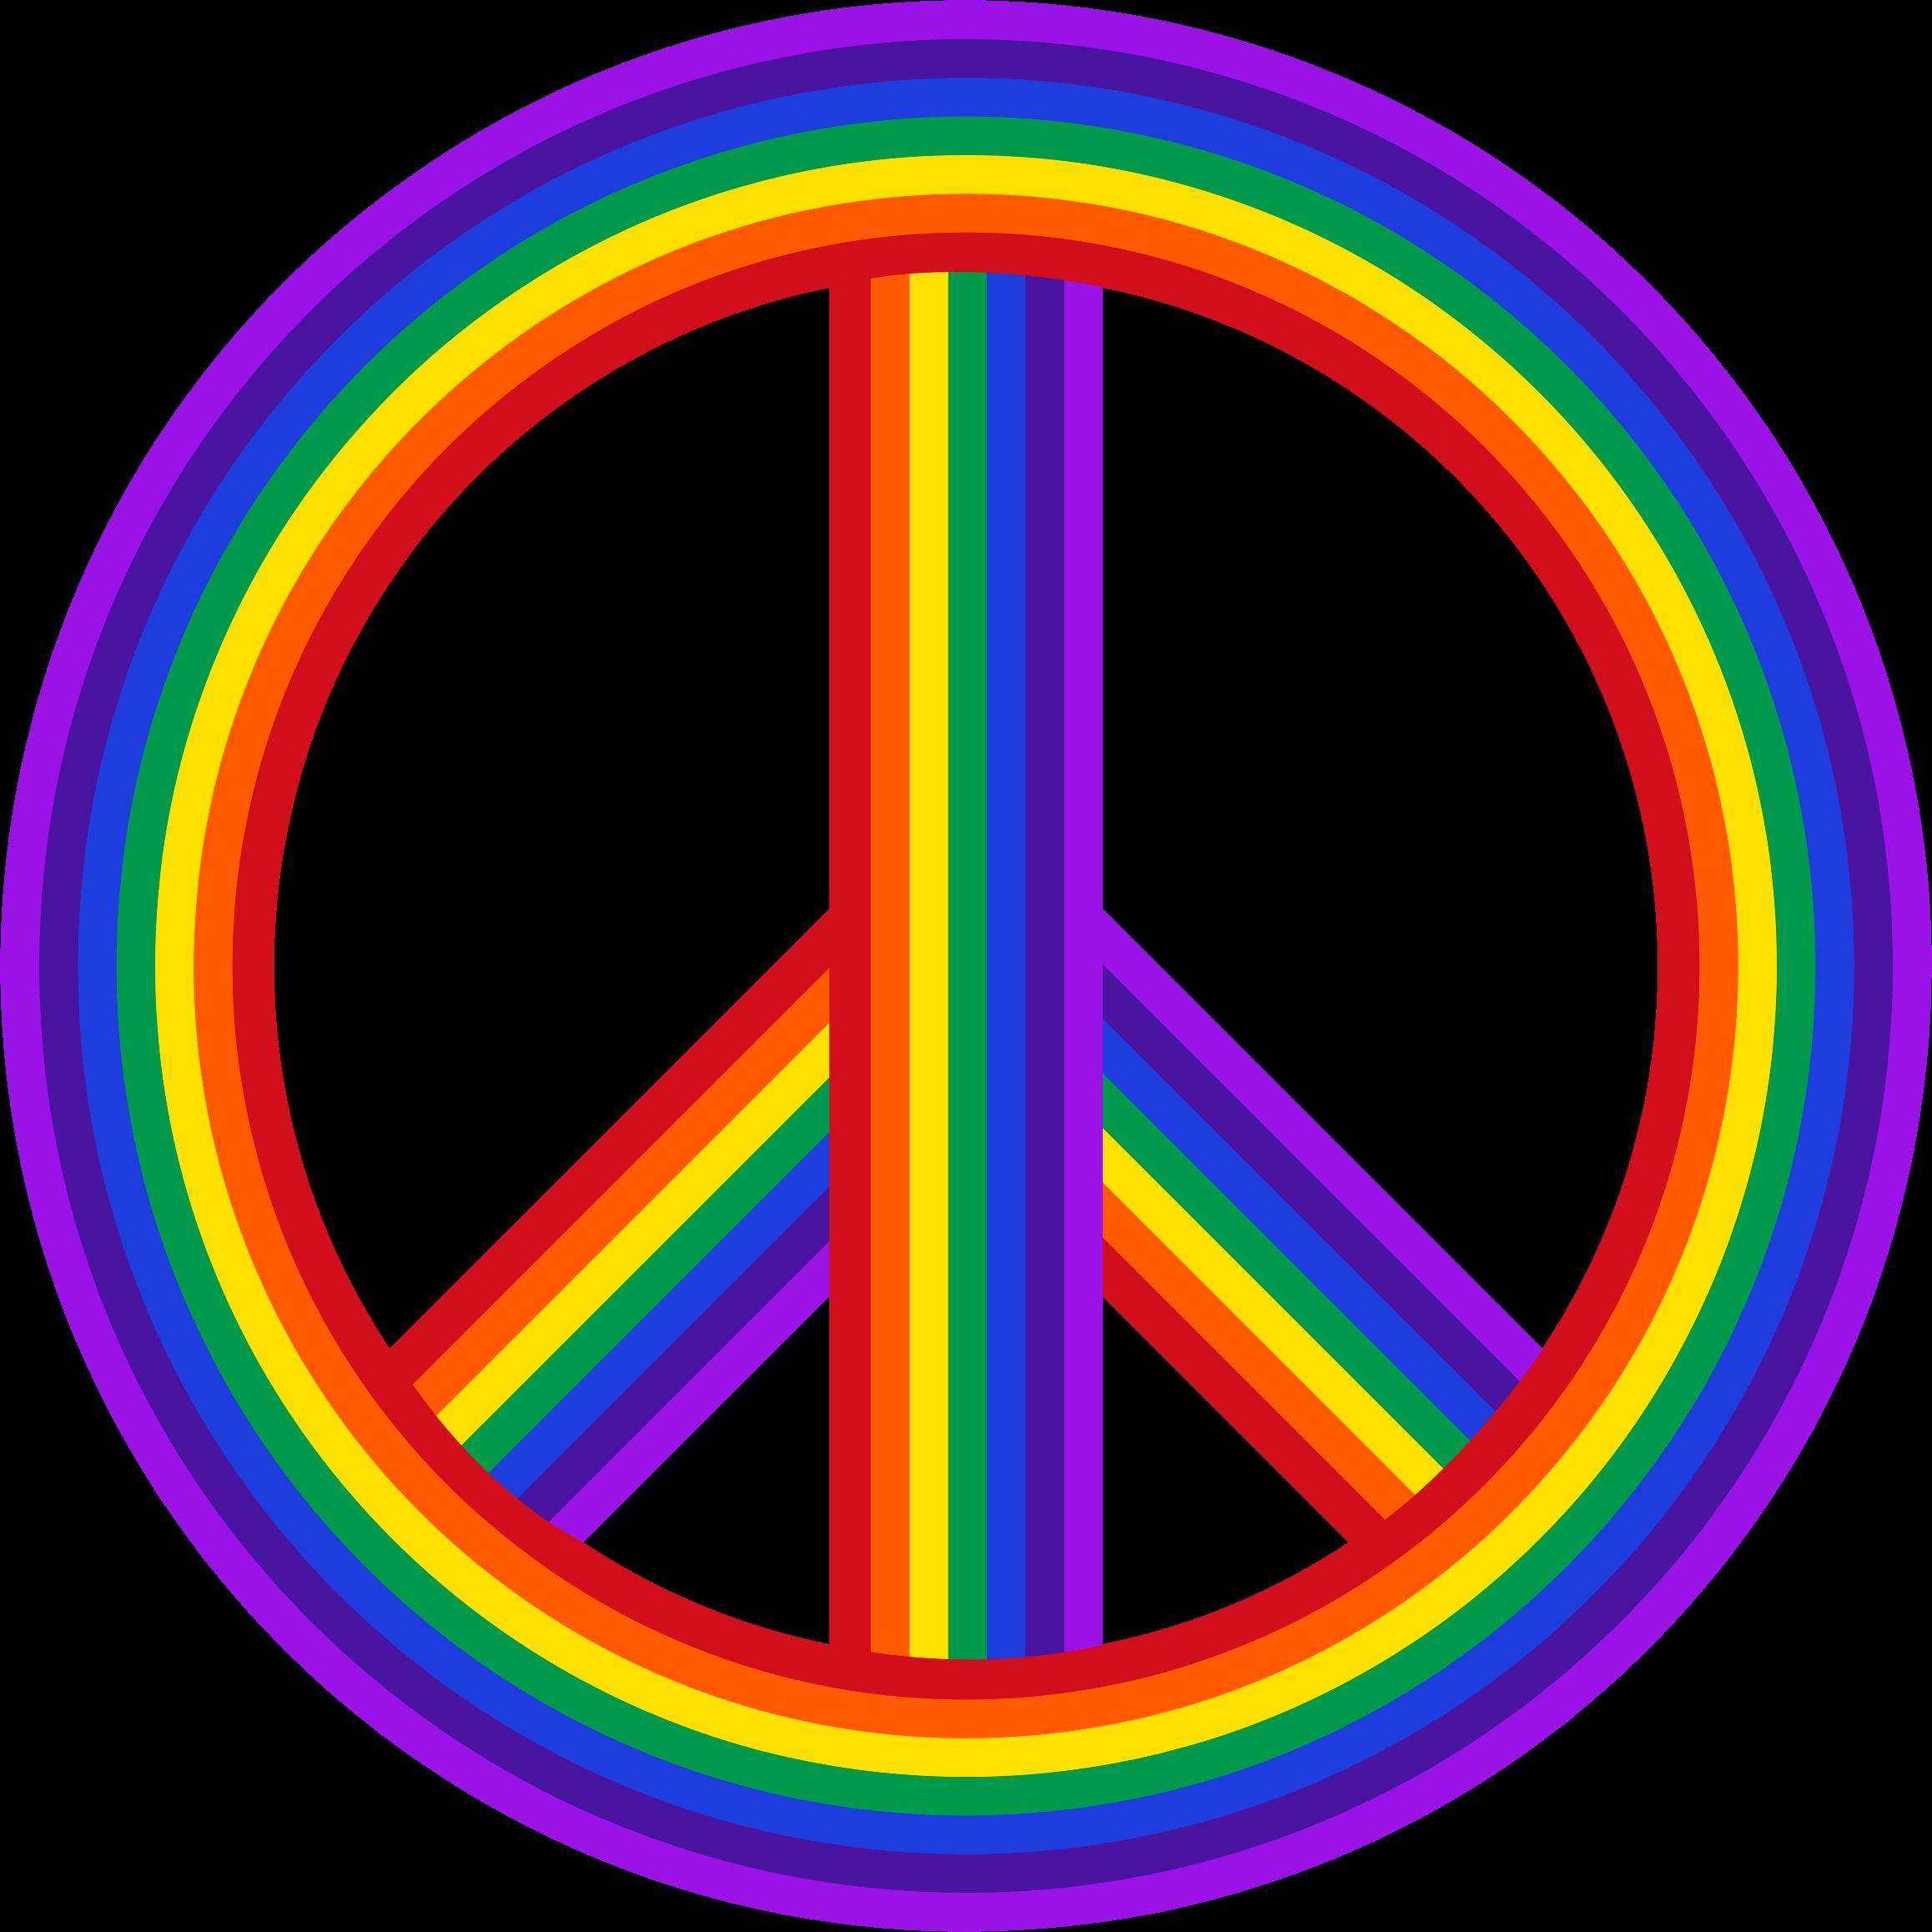 Peace Sign Clipart Rainbow.